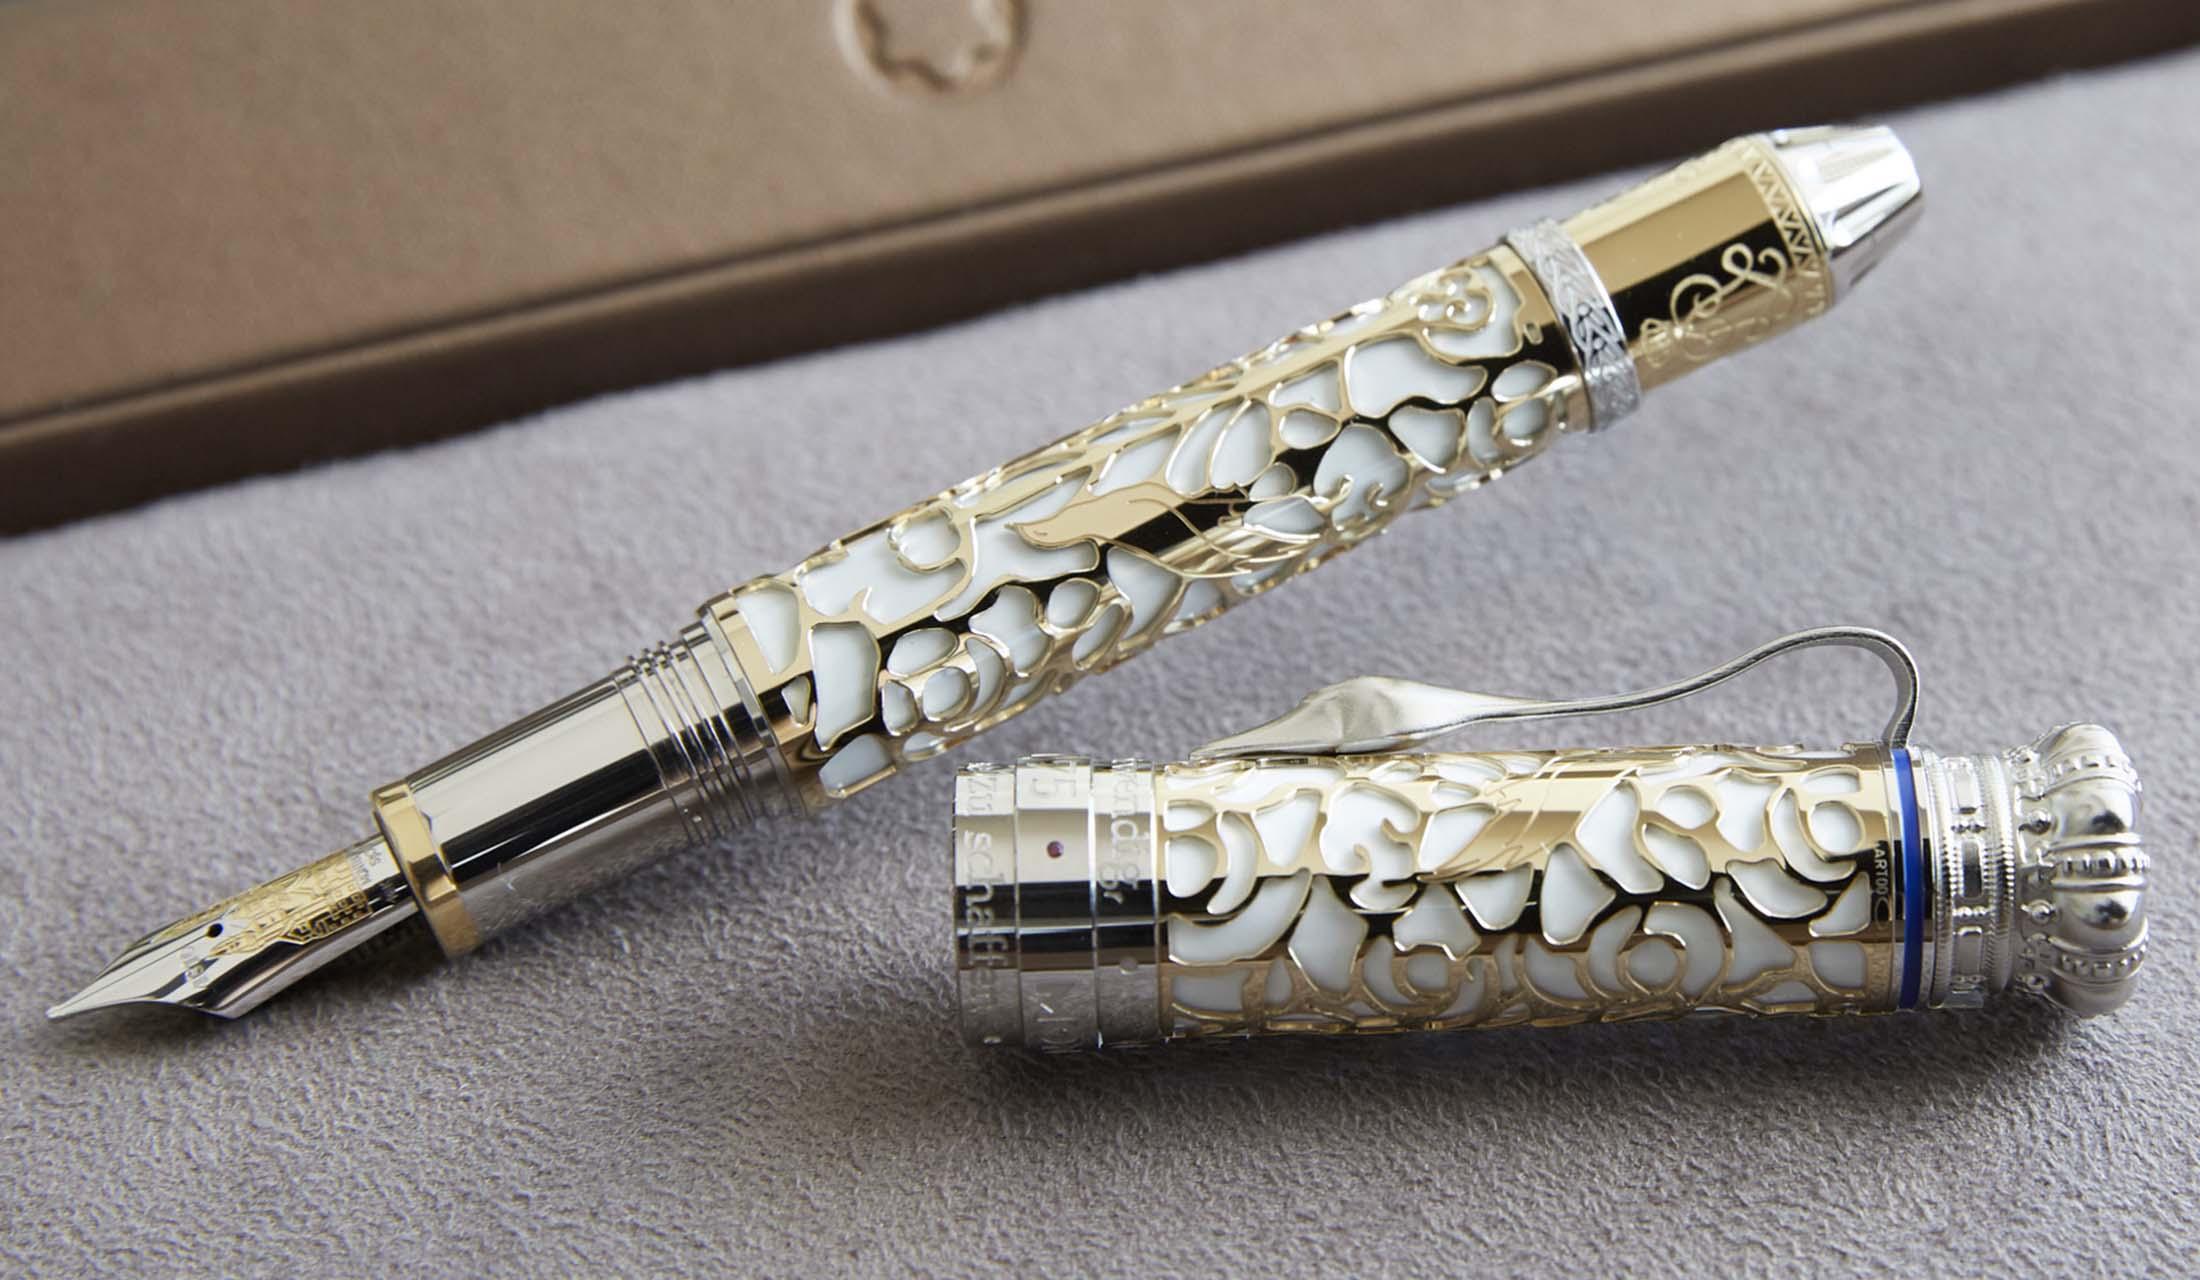 白鳥の首の形をしたクリップが特徴のモンブラン パトロンシリーズの万年筆